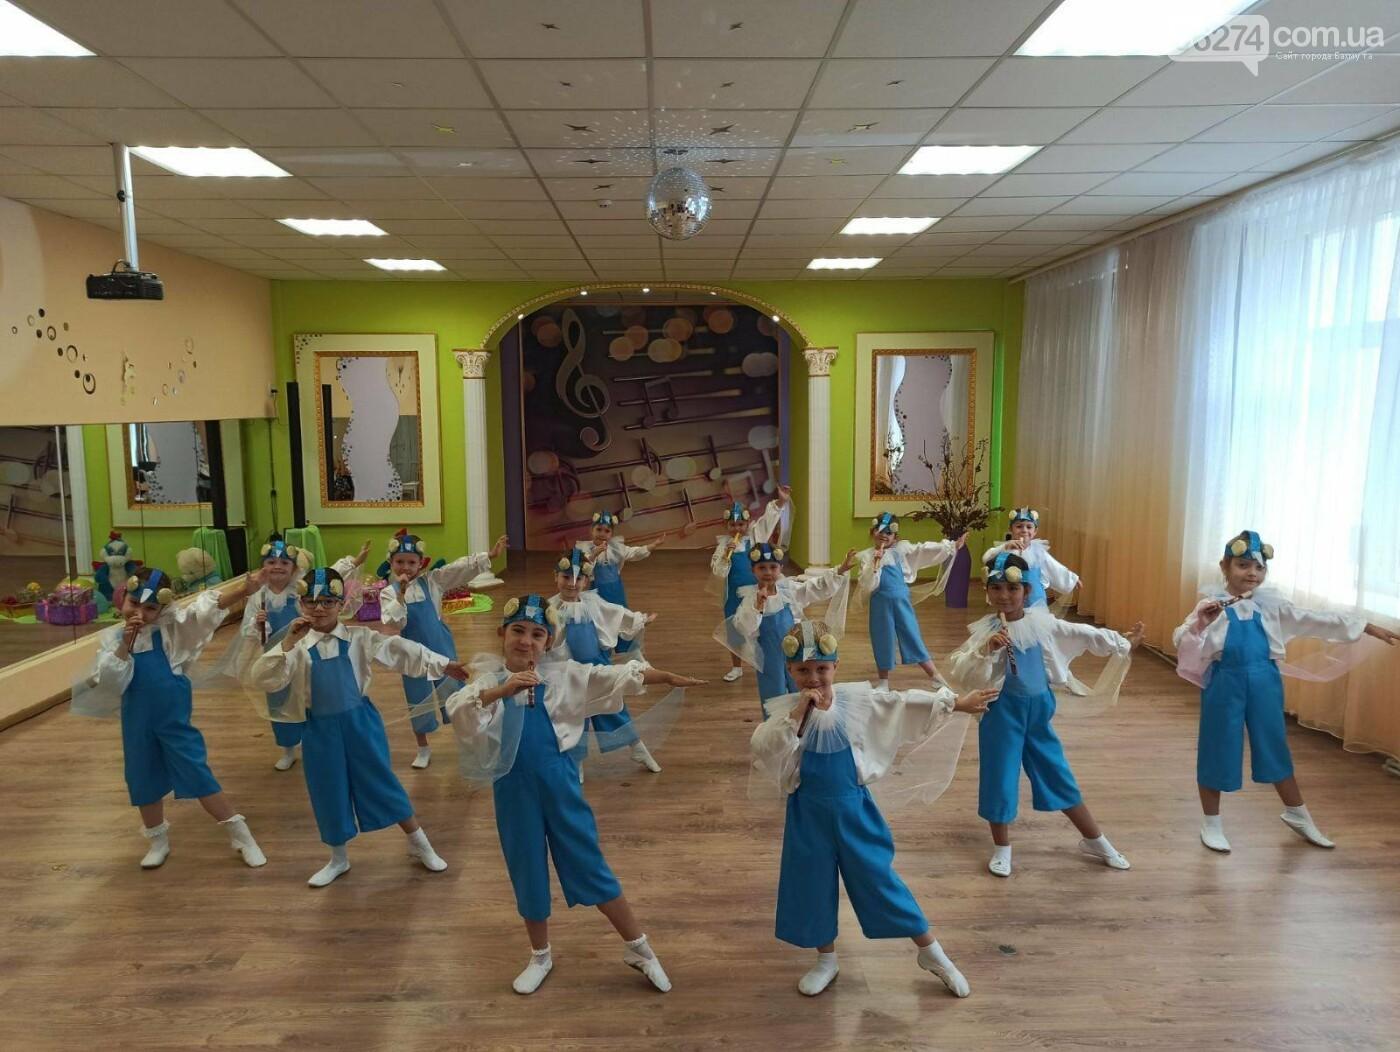 Дошкольники Бахмутской ОТГ стали лучшими на фестивале «Зоряні малята», фото-6